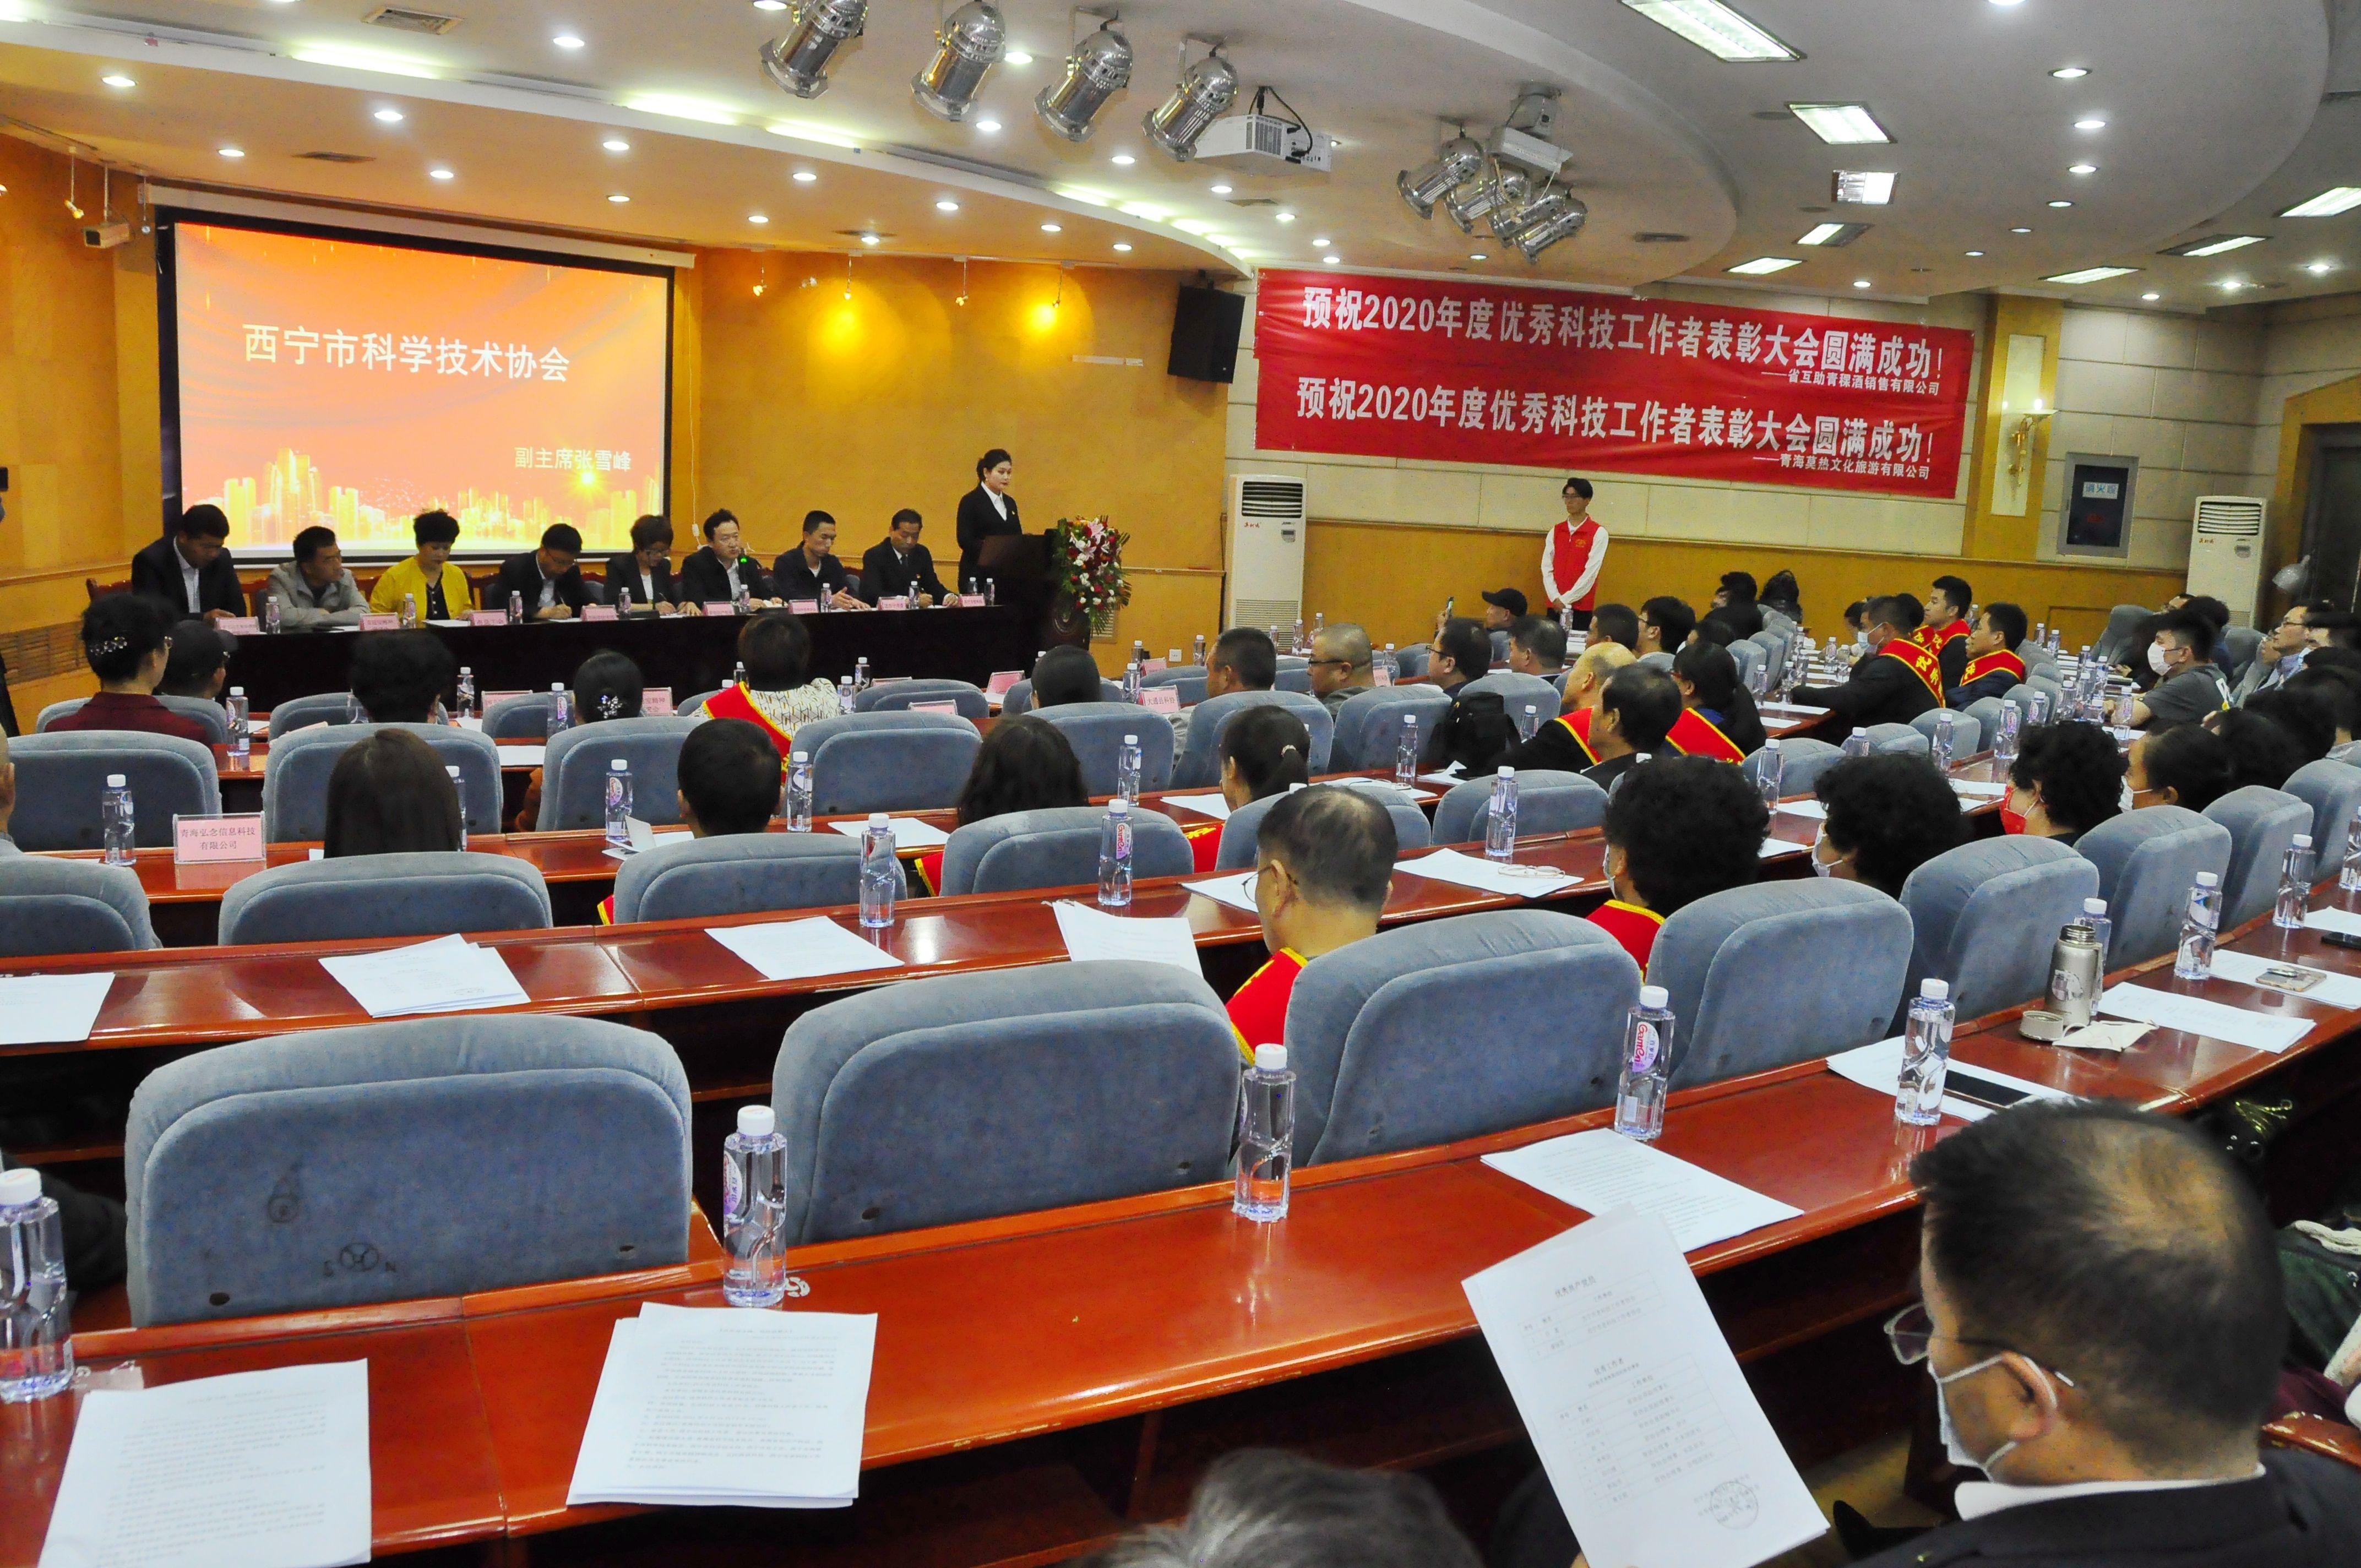 西宁市老科技工作者协会组织召开2020年度优秀科技工作者表彰大会